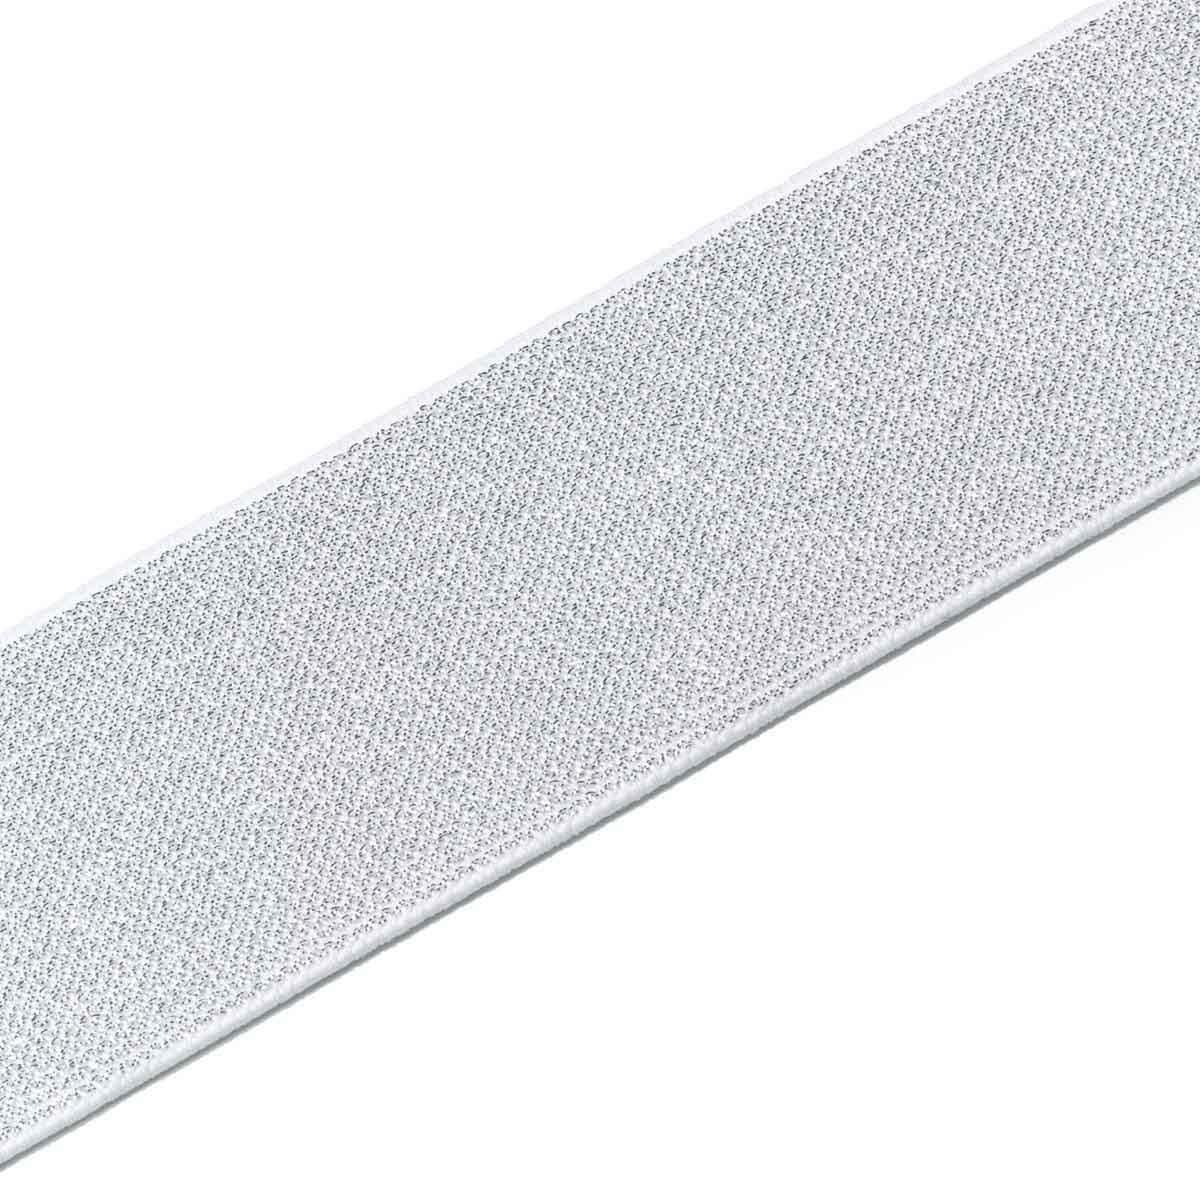 957465 Эластичная лента Color 50мм*7м, бел./сереб, Prym